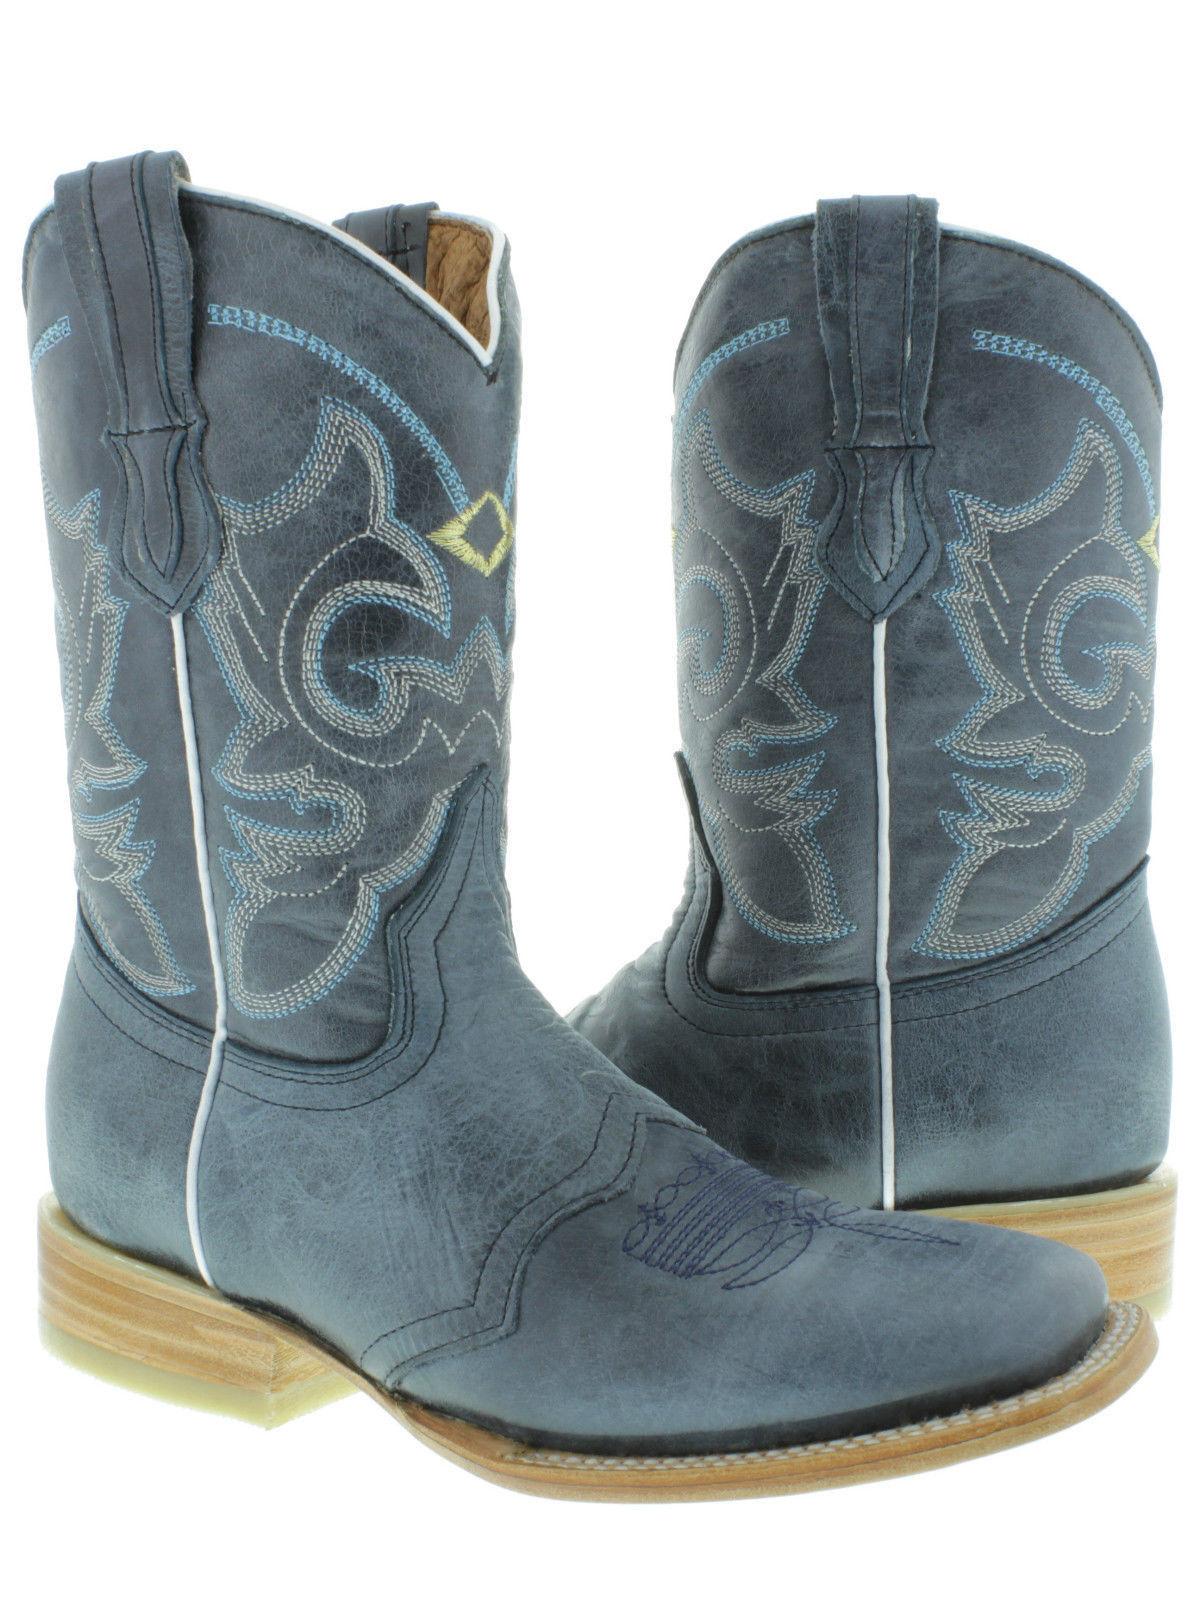 sport dello shopping online Donna  Denim blu Classic Overlay Leather Cowgirl stivali Rodeo Rodeo Rodeo Square Toe  divertiti con uno sconto del 30-50%